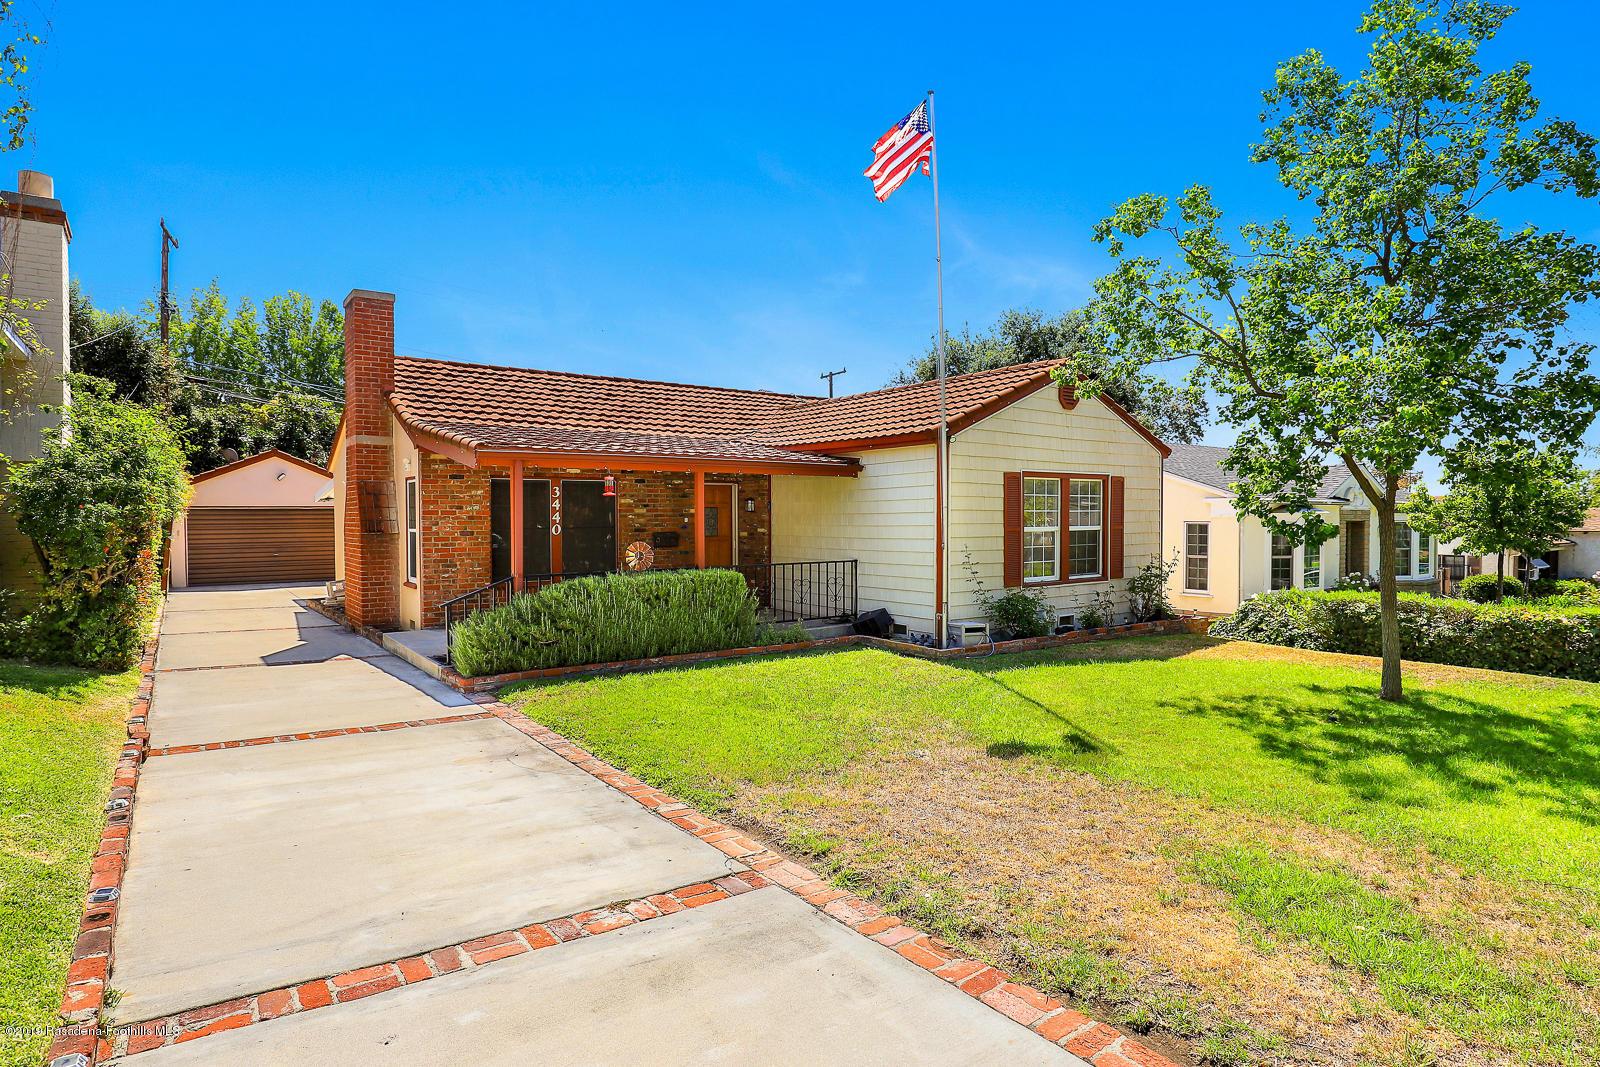 3440 Sierra Vista Ave Avenue, Glendale, California